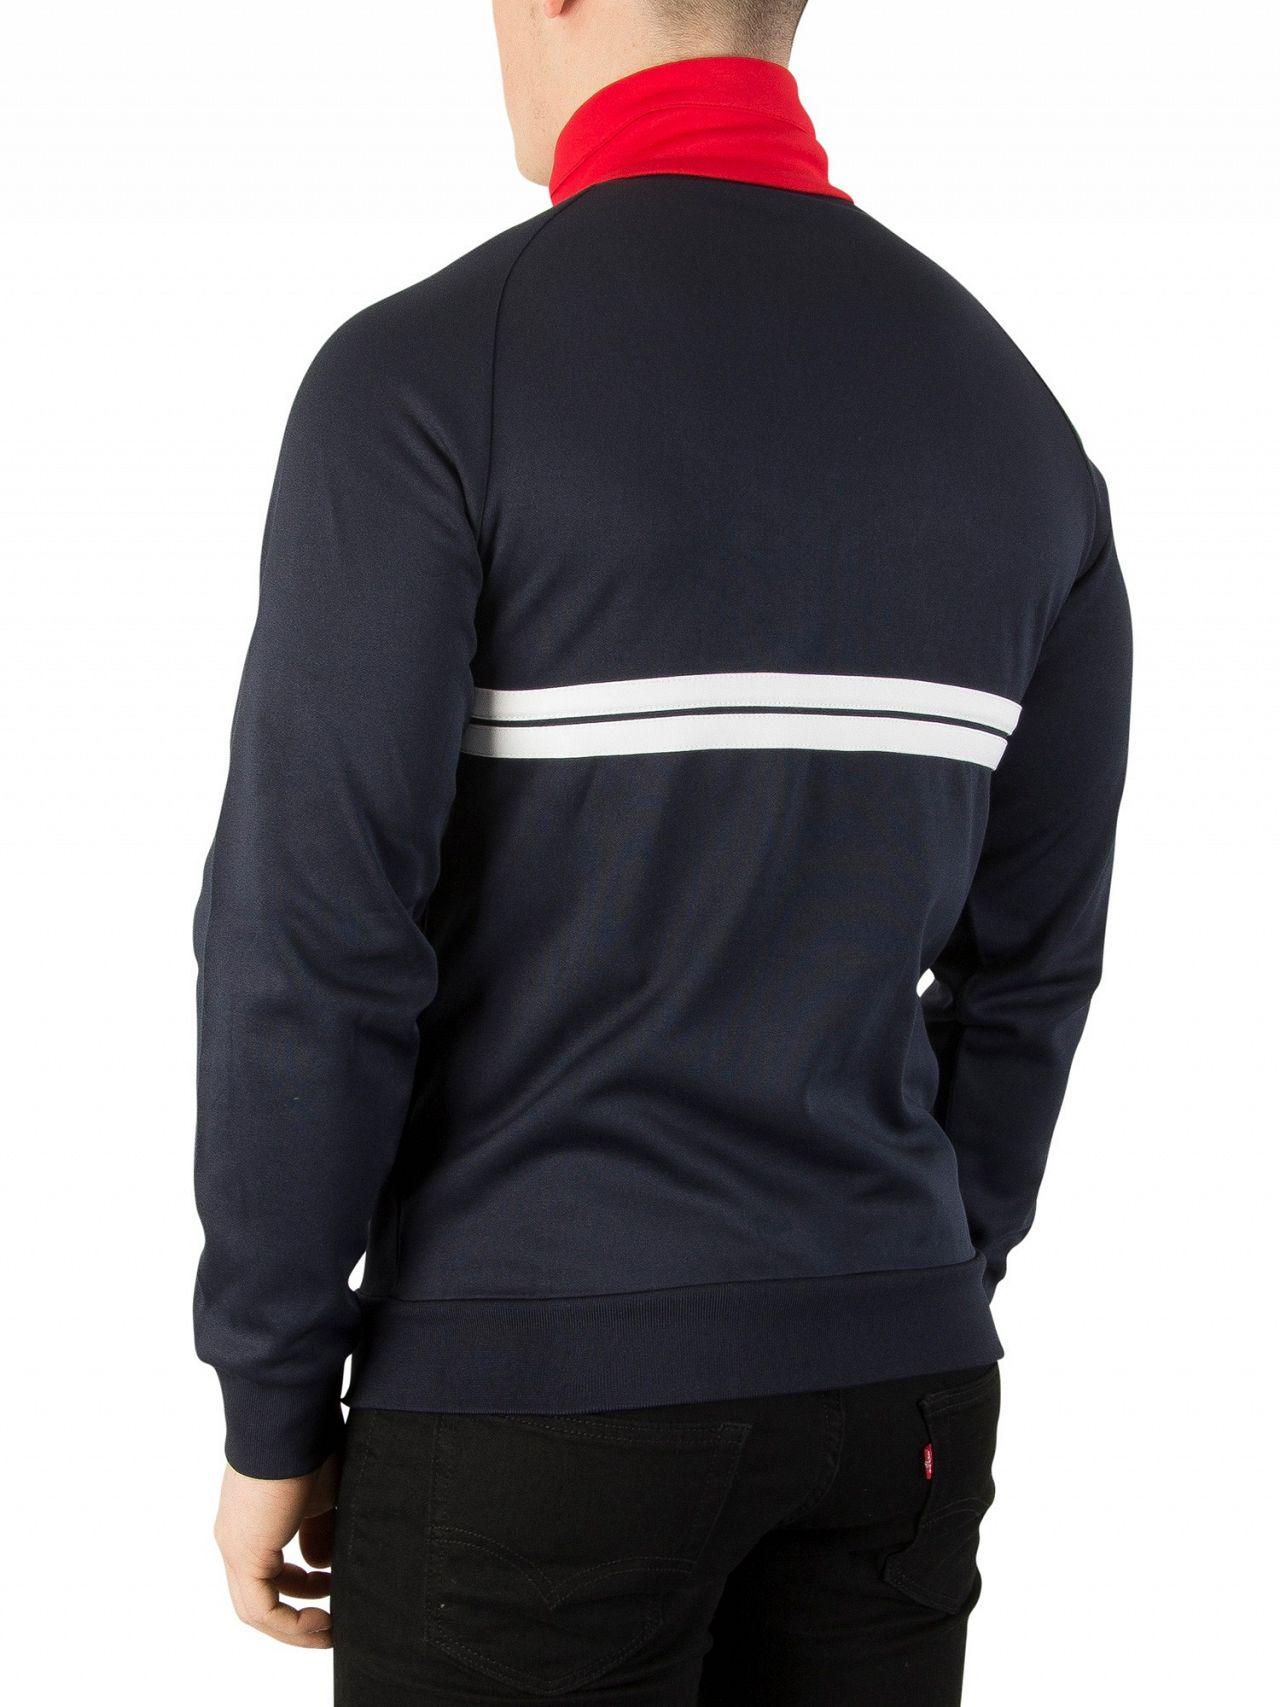 0922c236ce08 Sergio Tacchini Navy/White Dallas Track Jacket | Standout